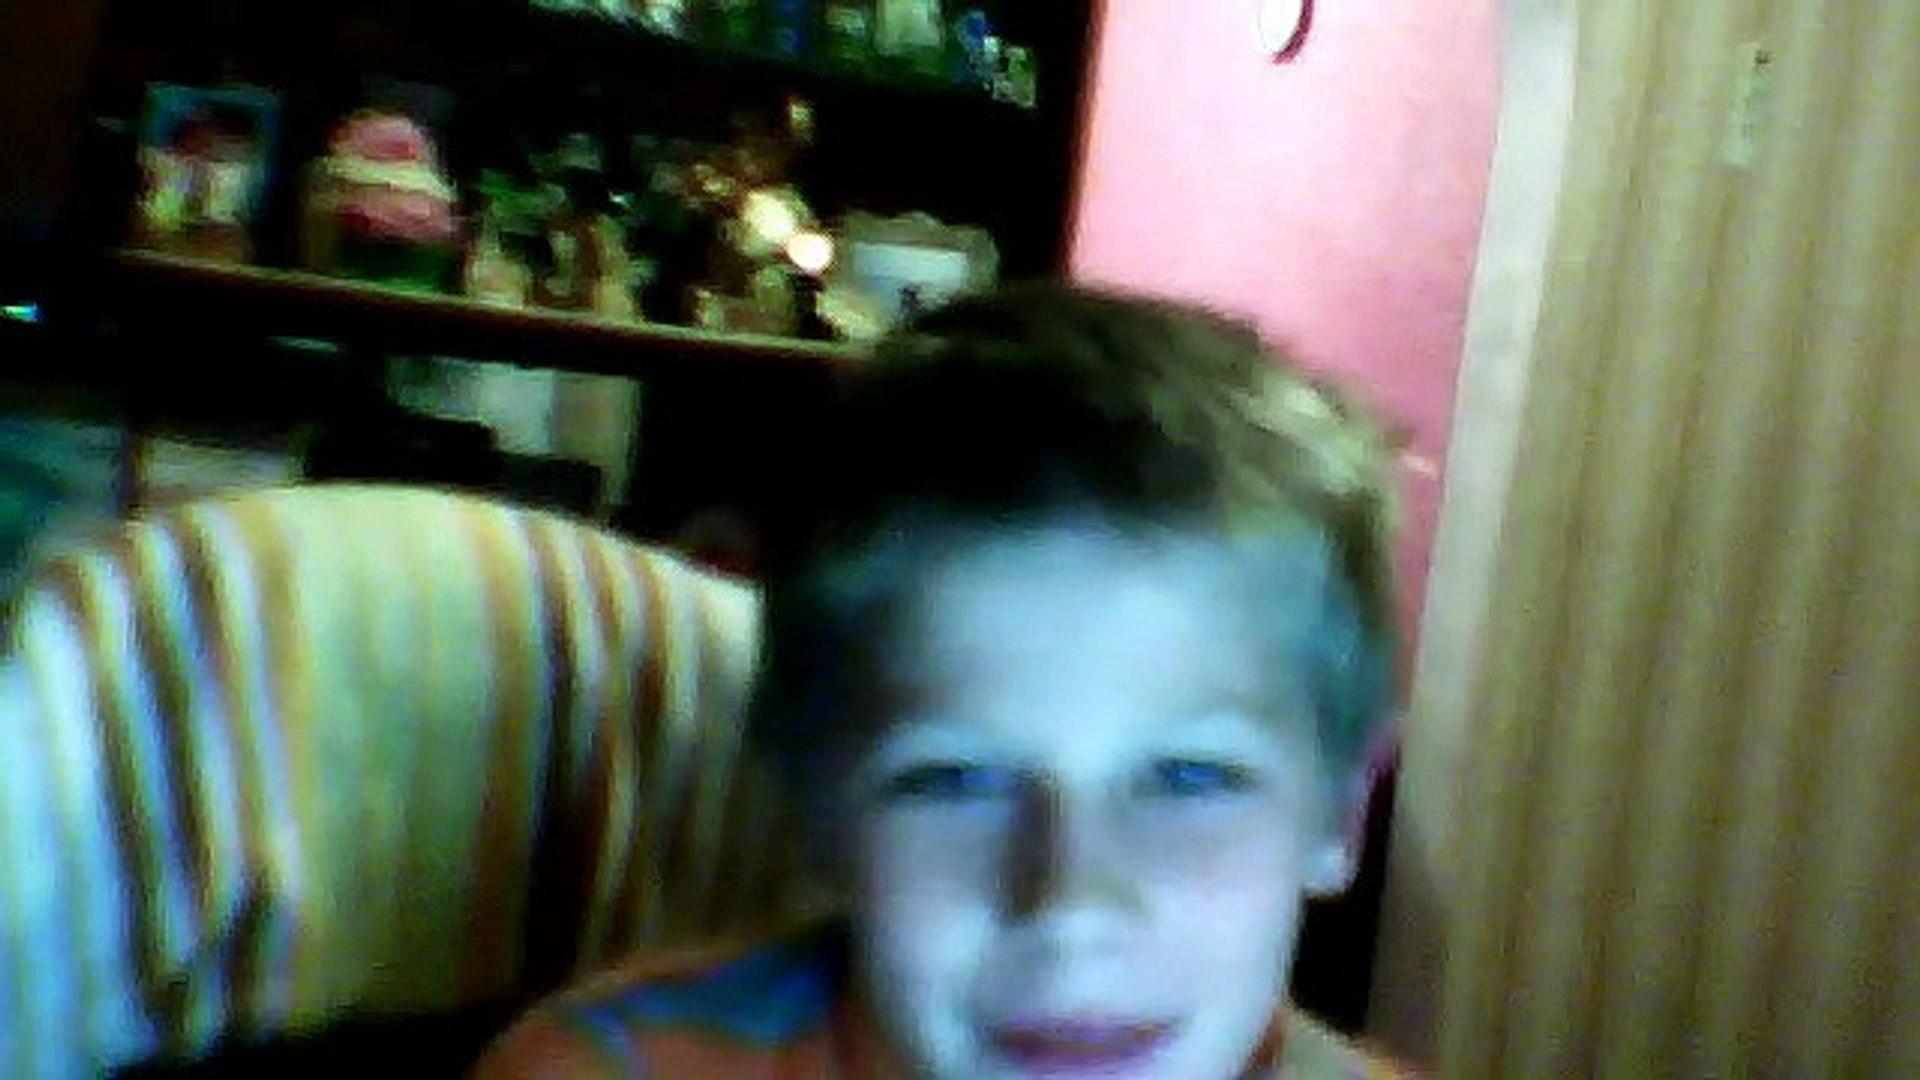 Видео с веб-камеры. Дата: 9 декабря 2013 г., 19:26.